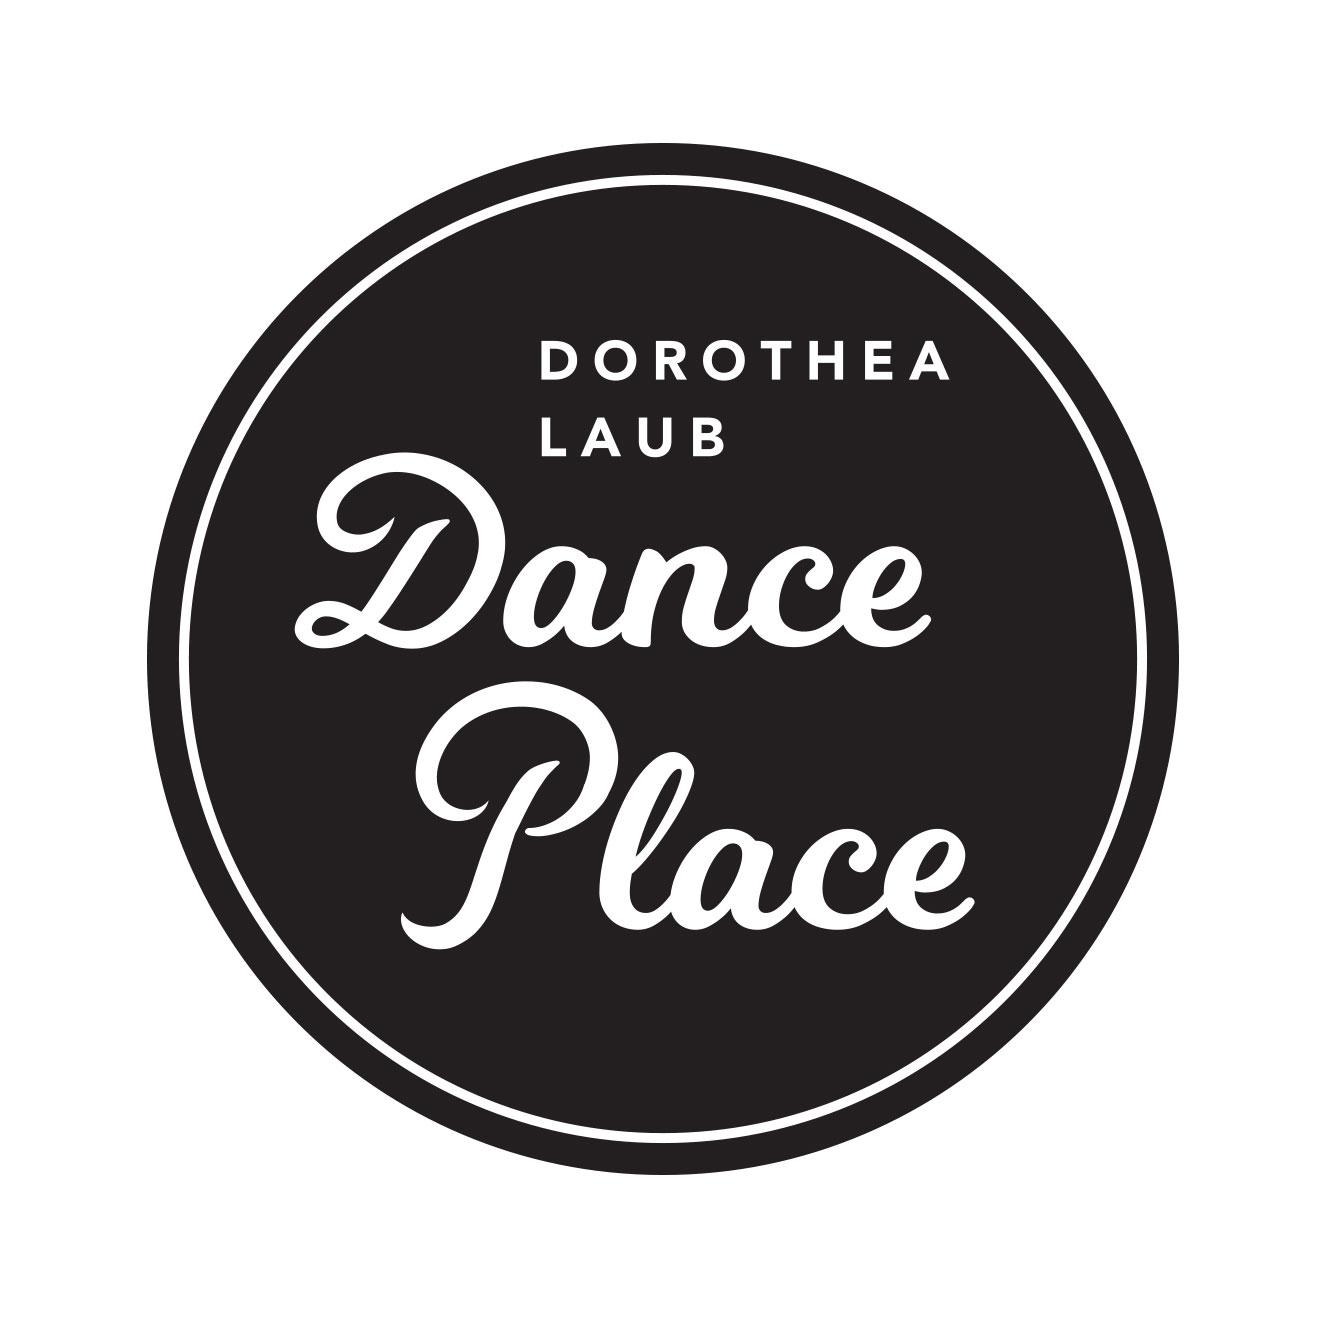 Dorothea Laub Dance Place logo